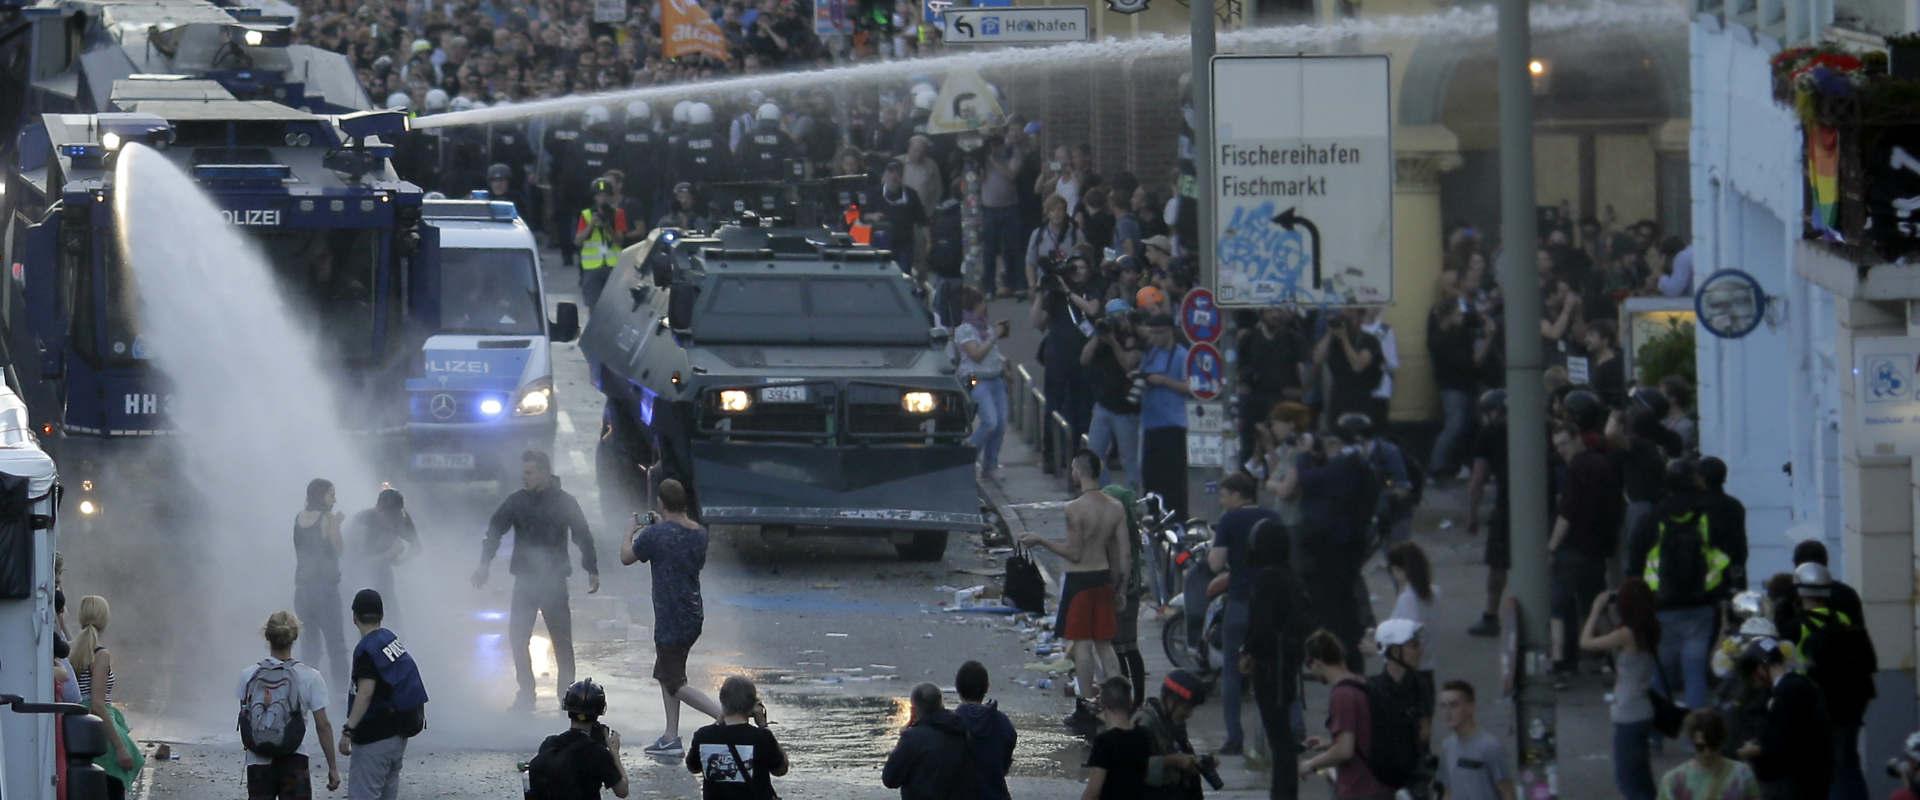 עימותים בין מפגינים למשטרה מחוץ לוועידת ה-G20, היו